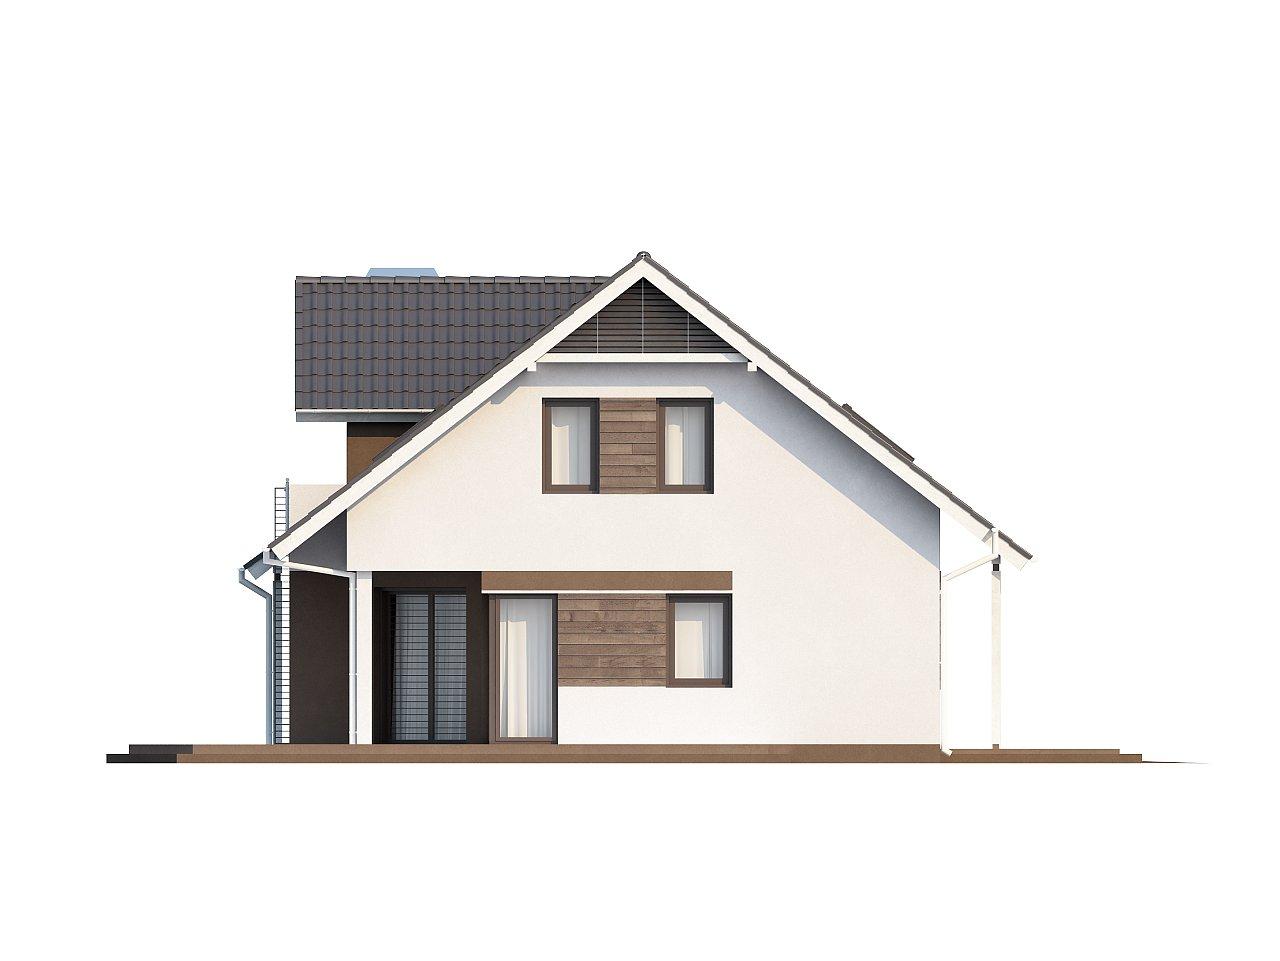 Комфортабельный дом со встроенным гаражом, угловой террасой и кабинетом на первом этаже. - фото 4